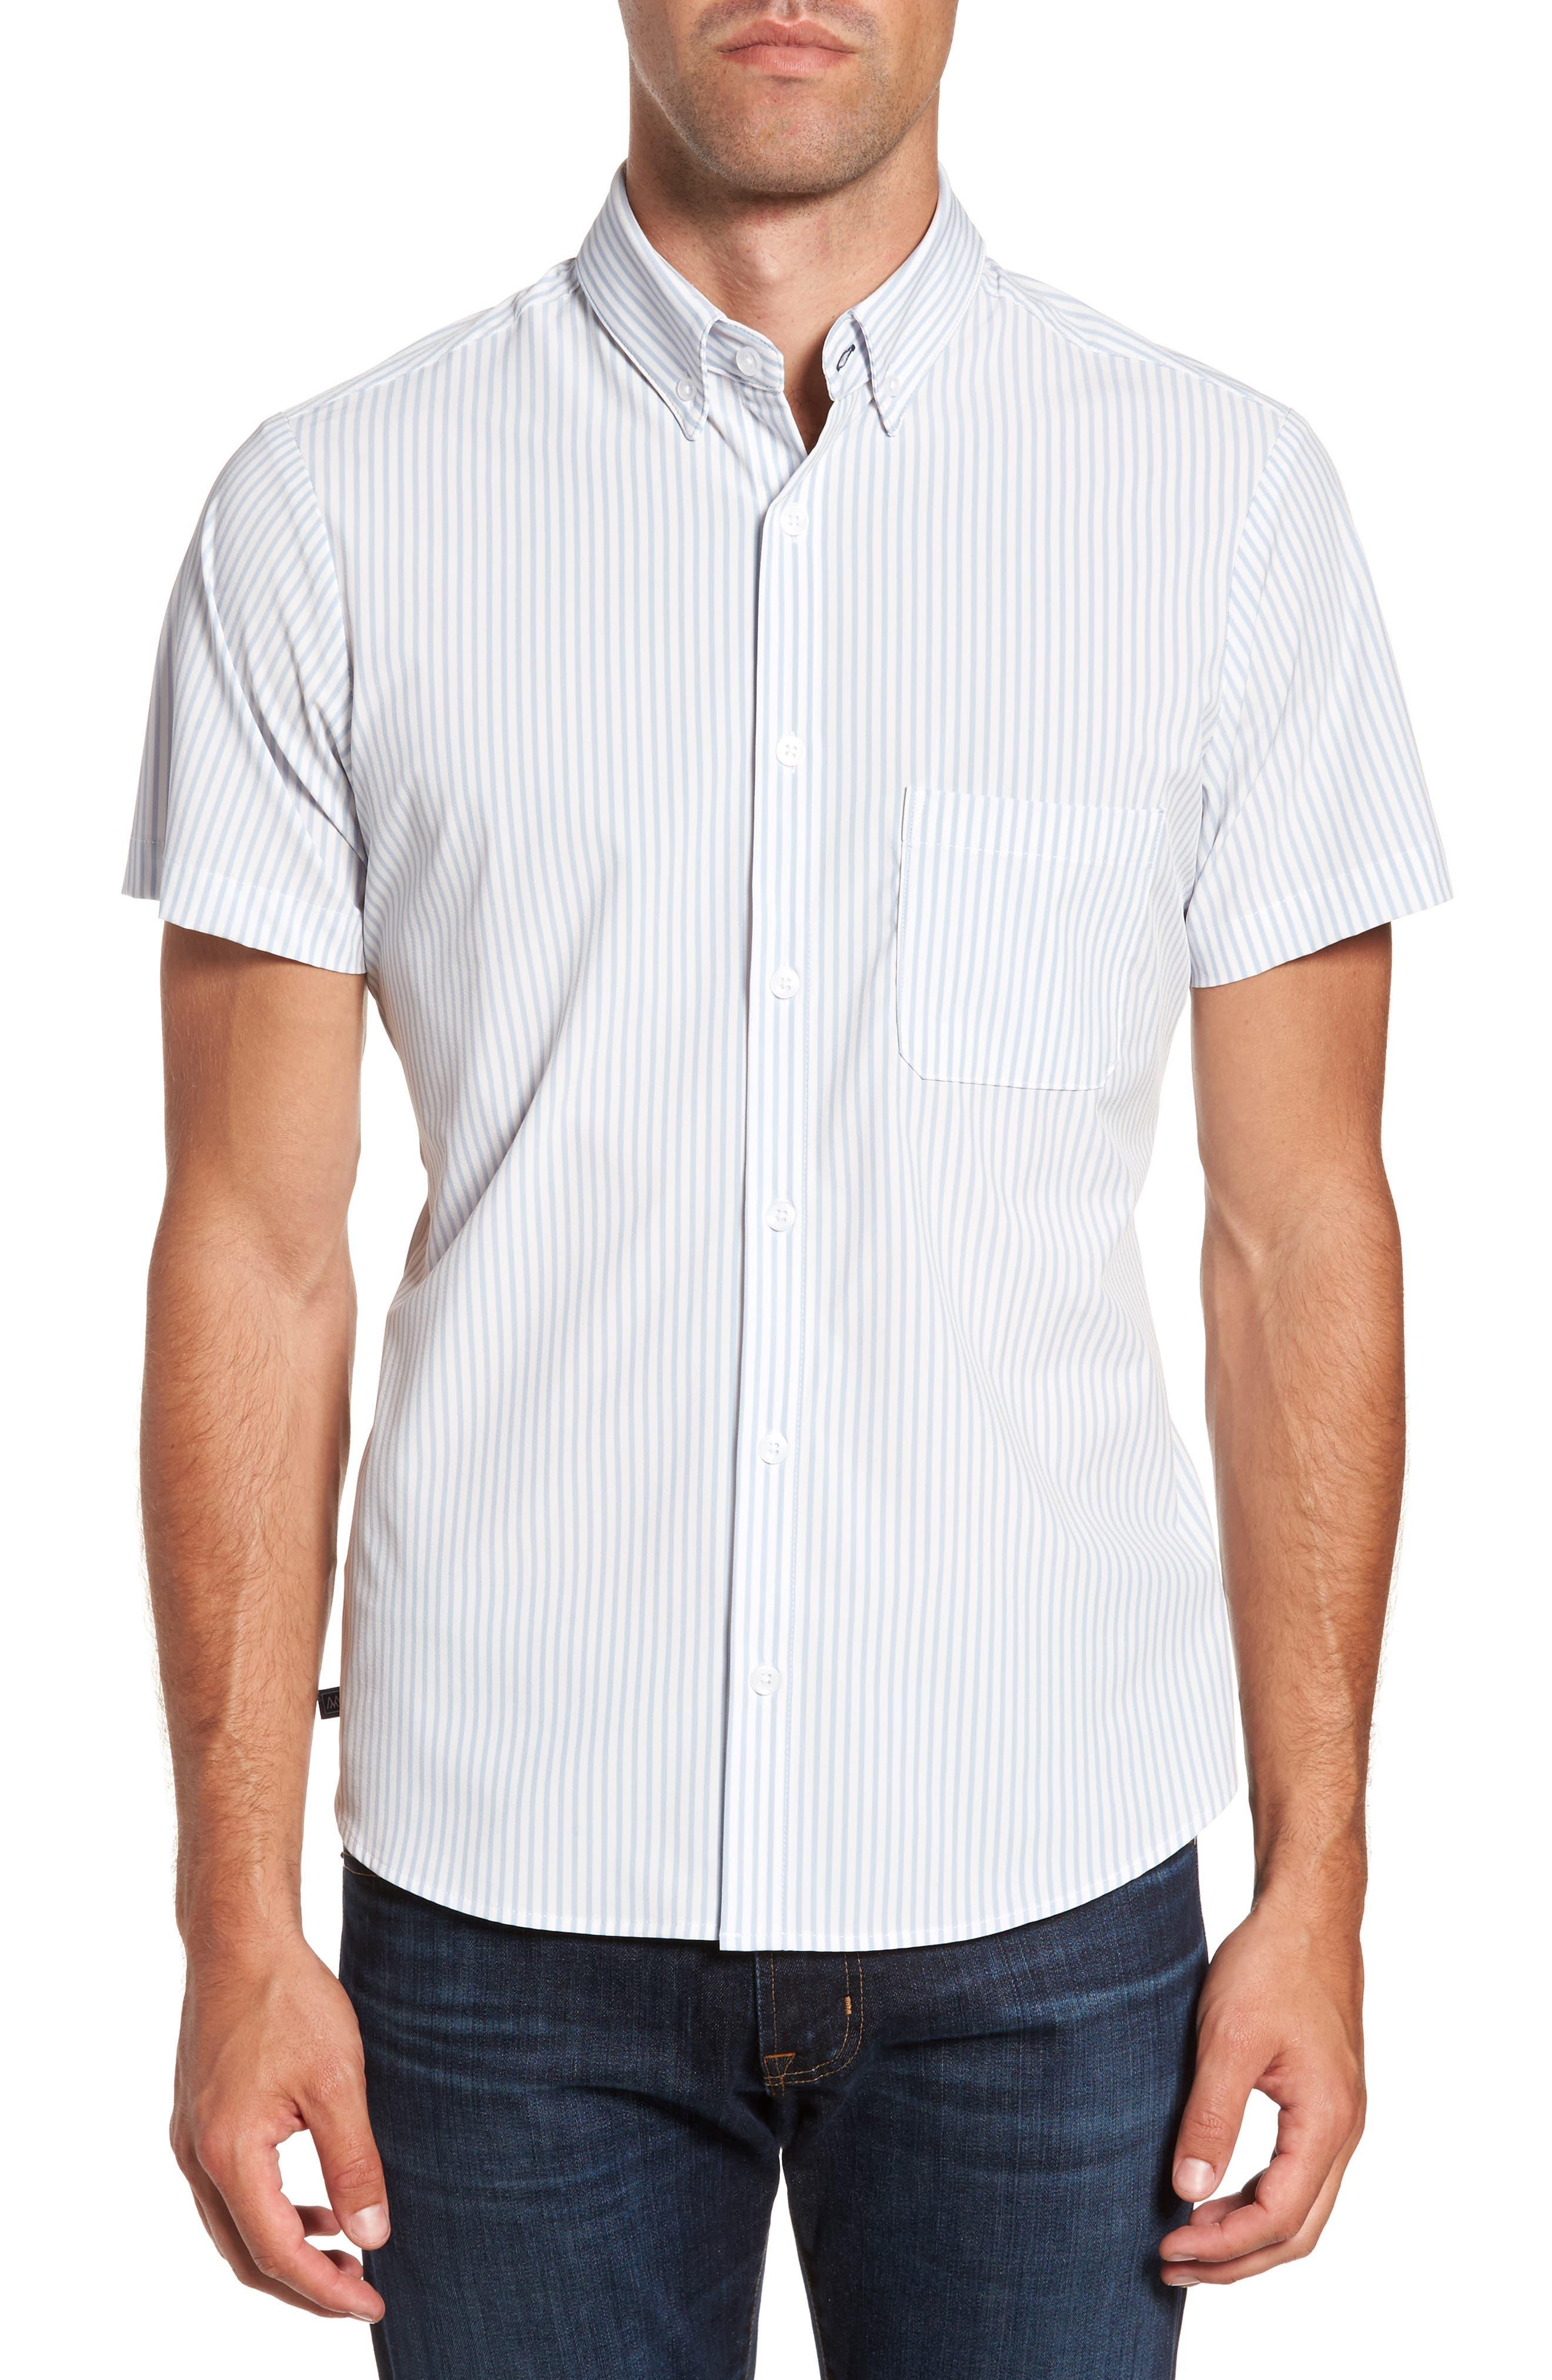 St. Elias Stripe Sport Shirt,                             Main thumbnail 1, color,                             100